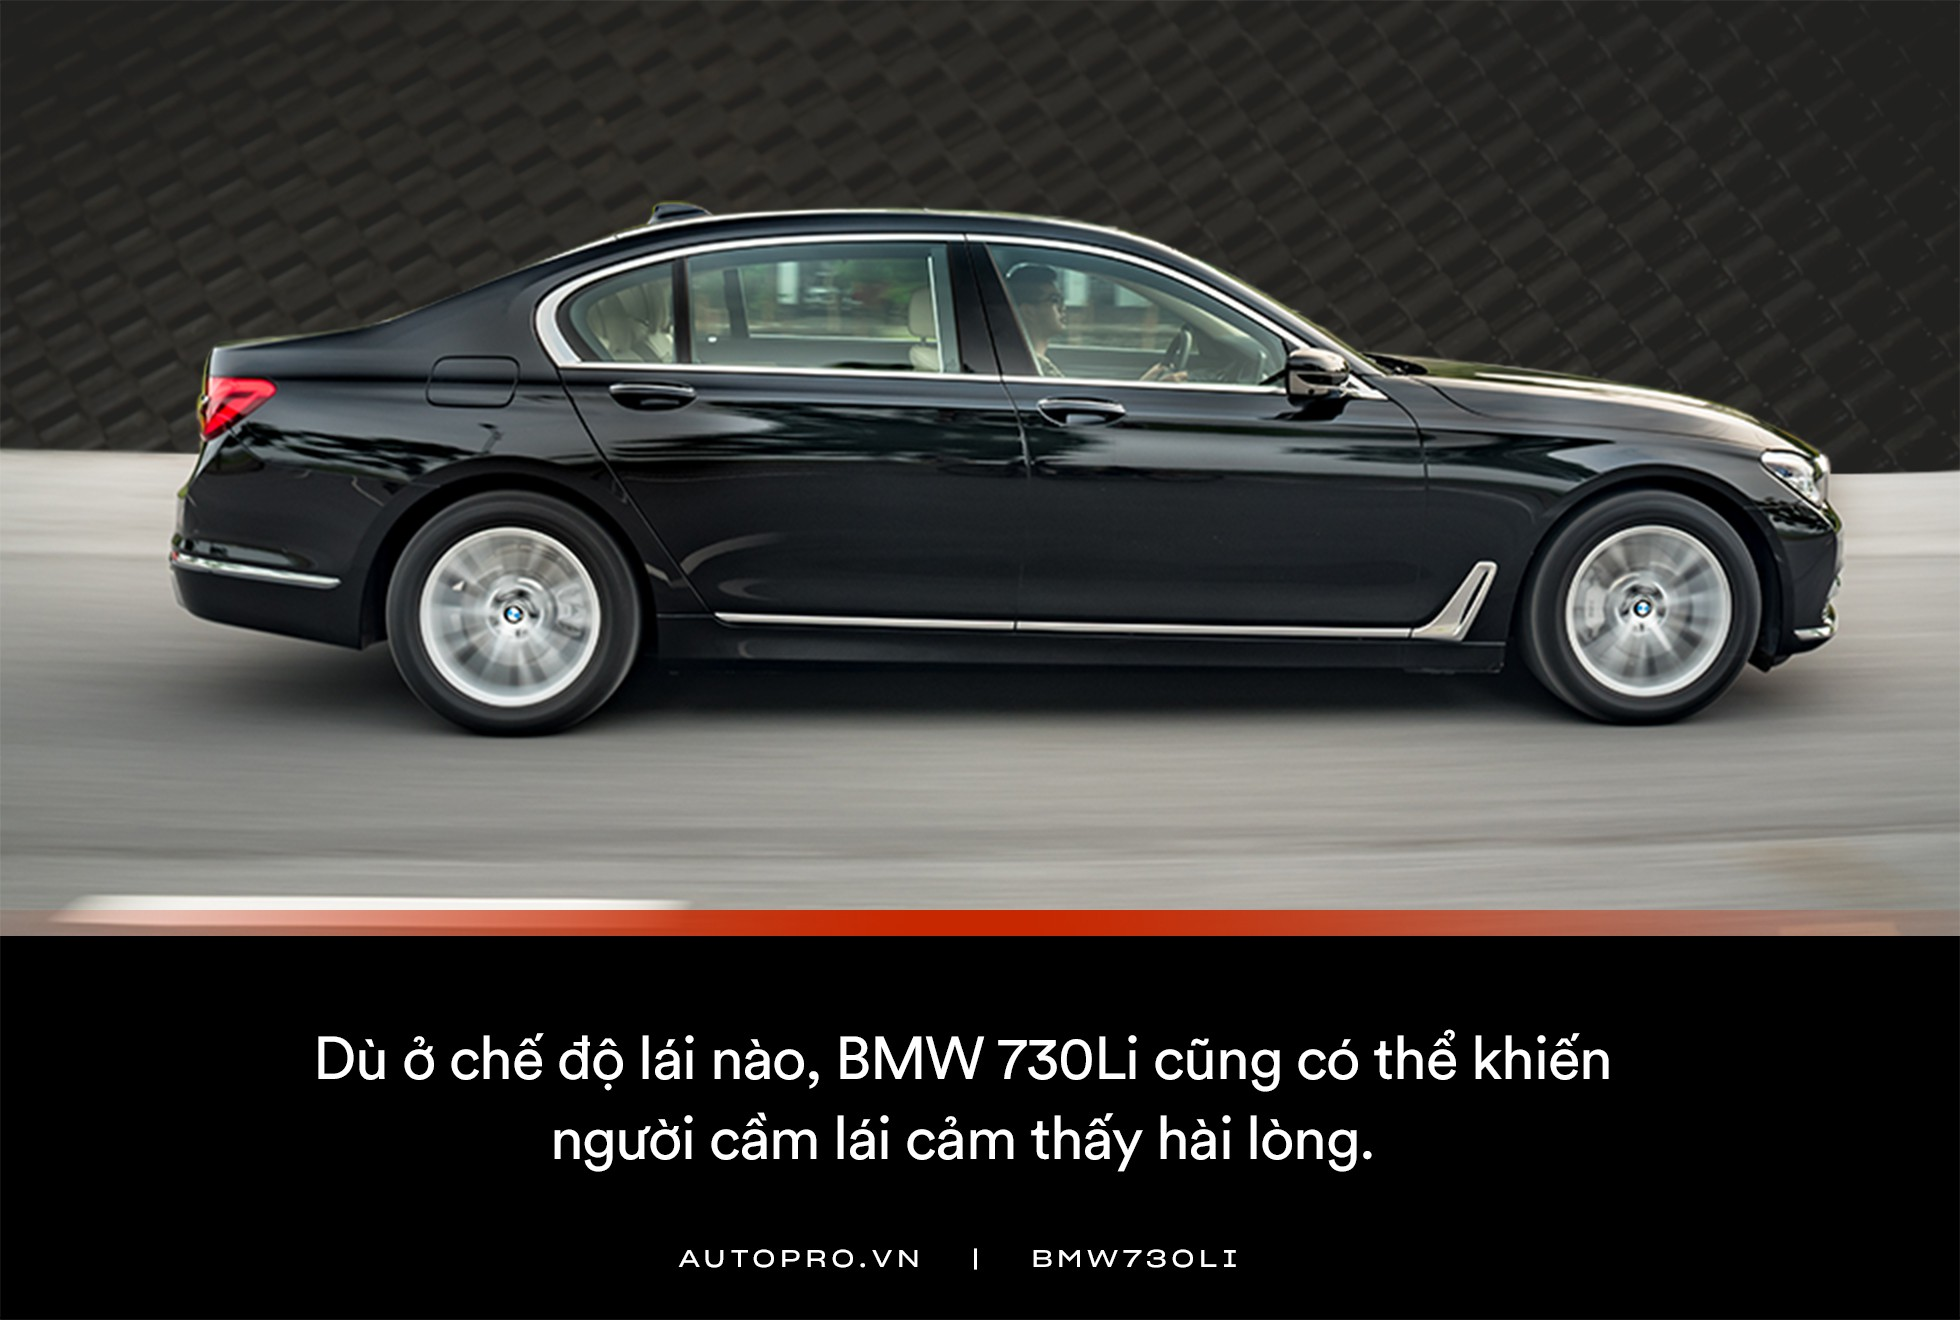 Đánh giá BMW 730Li: Mang chất thể thao lên limo hạng sang - Ảnh 9.